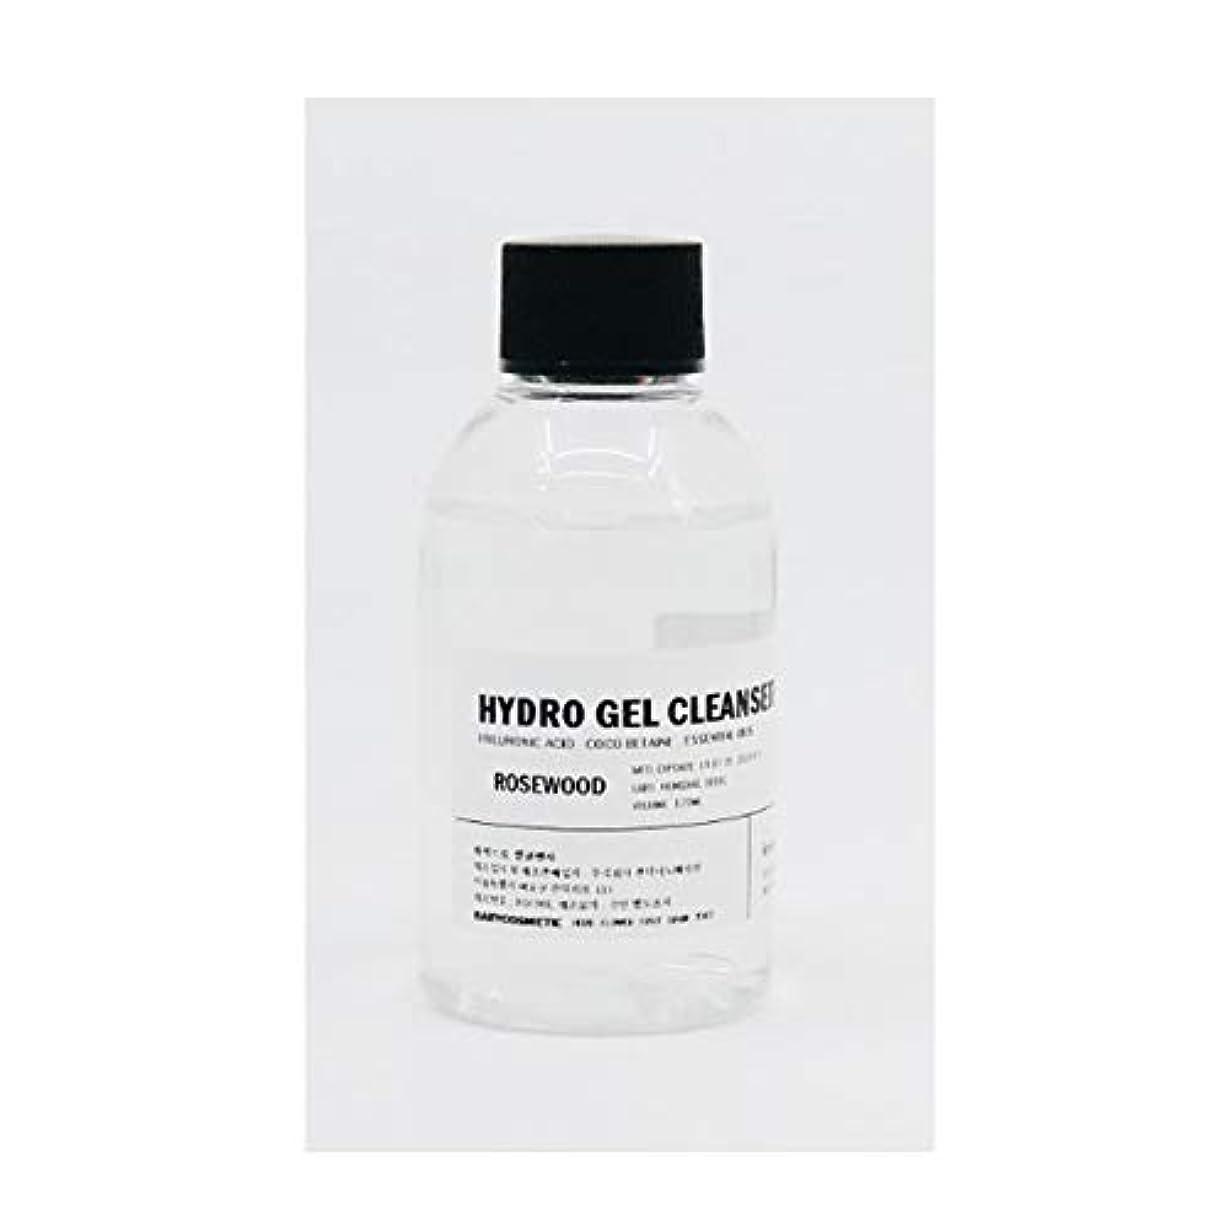 とは異なり誰でもサルベージローラプスpH5ハイドロゼルクレンザー 120ml 韓国コスメ、Rawlabs pH5 Hydro Gel Cleanser 120ml Korean Cosmetics [海外直送品] (No 3. rosewood)